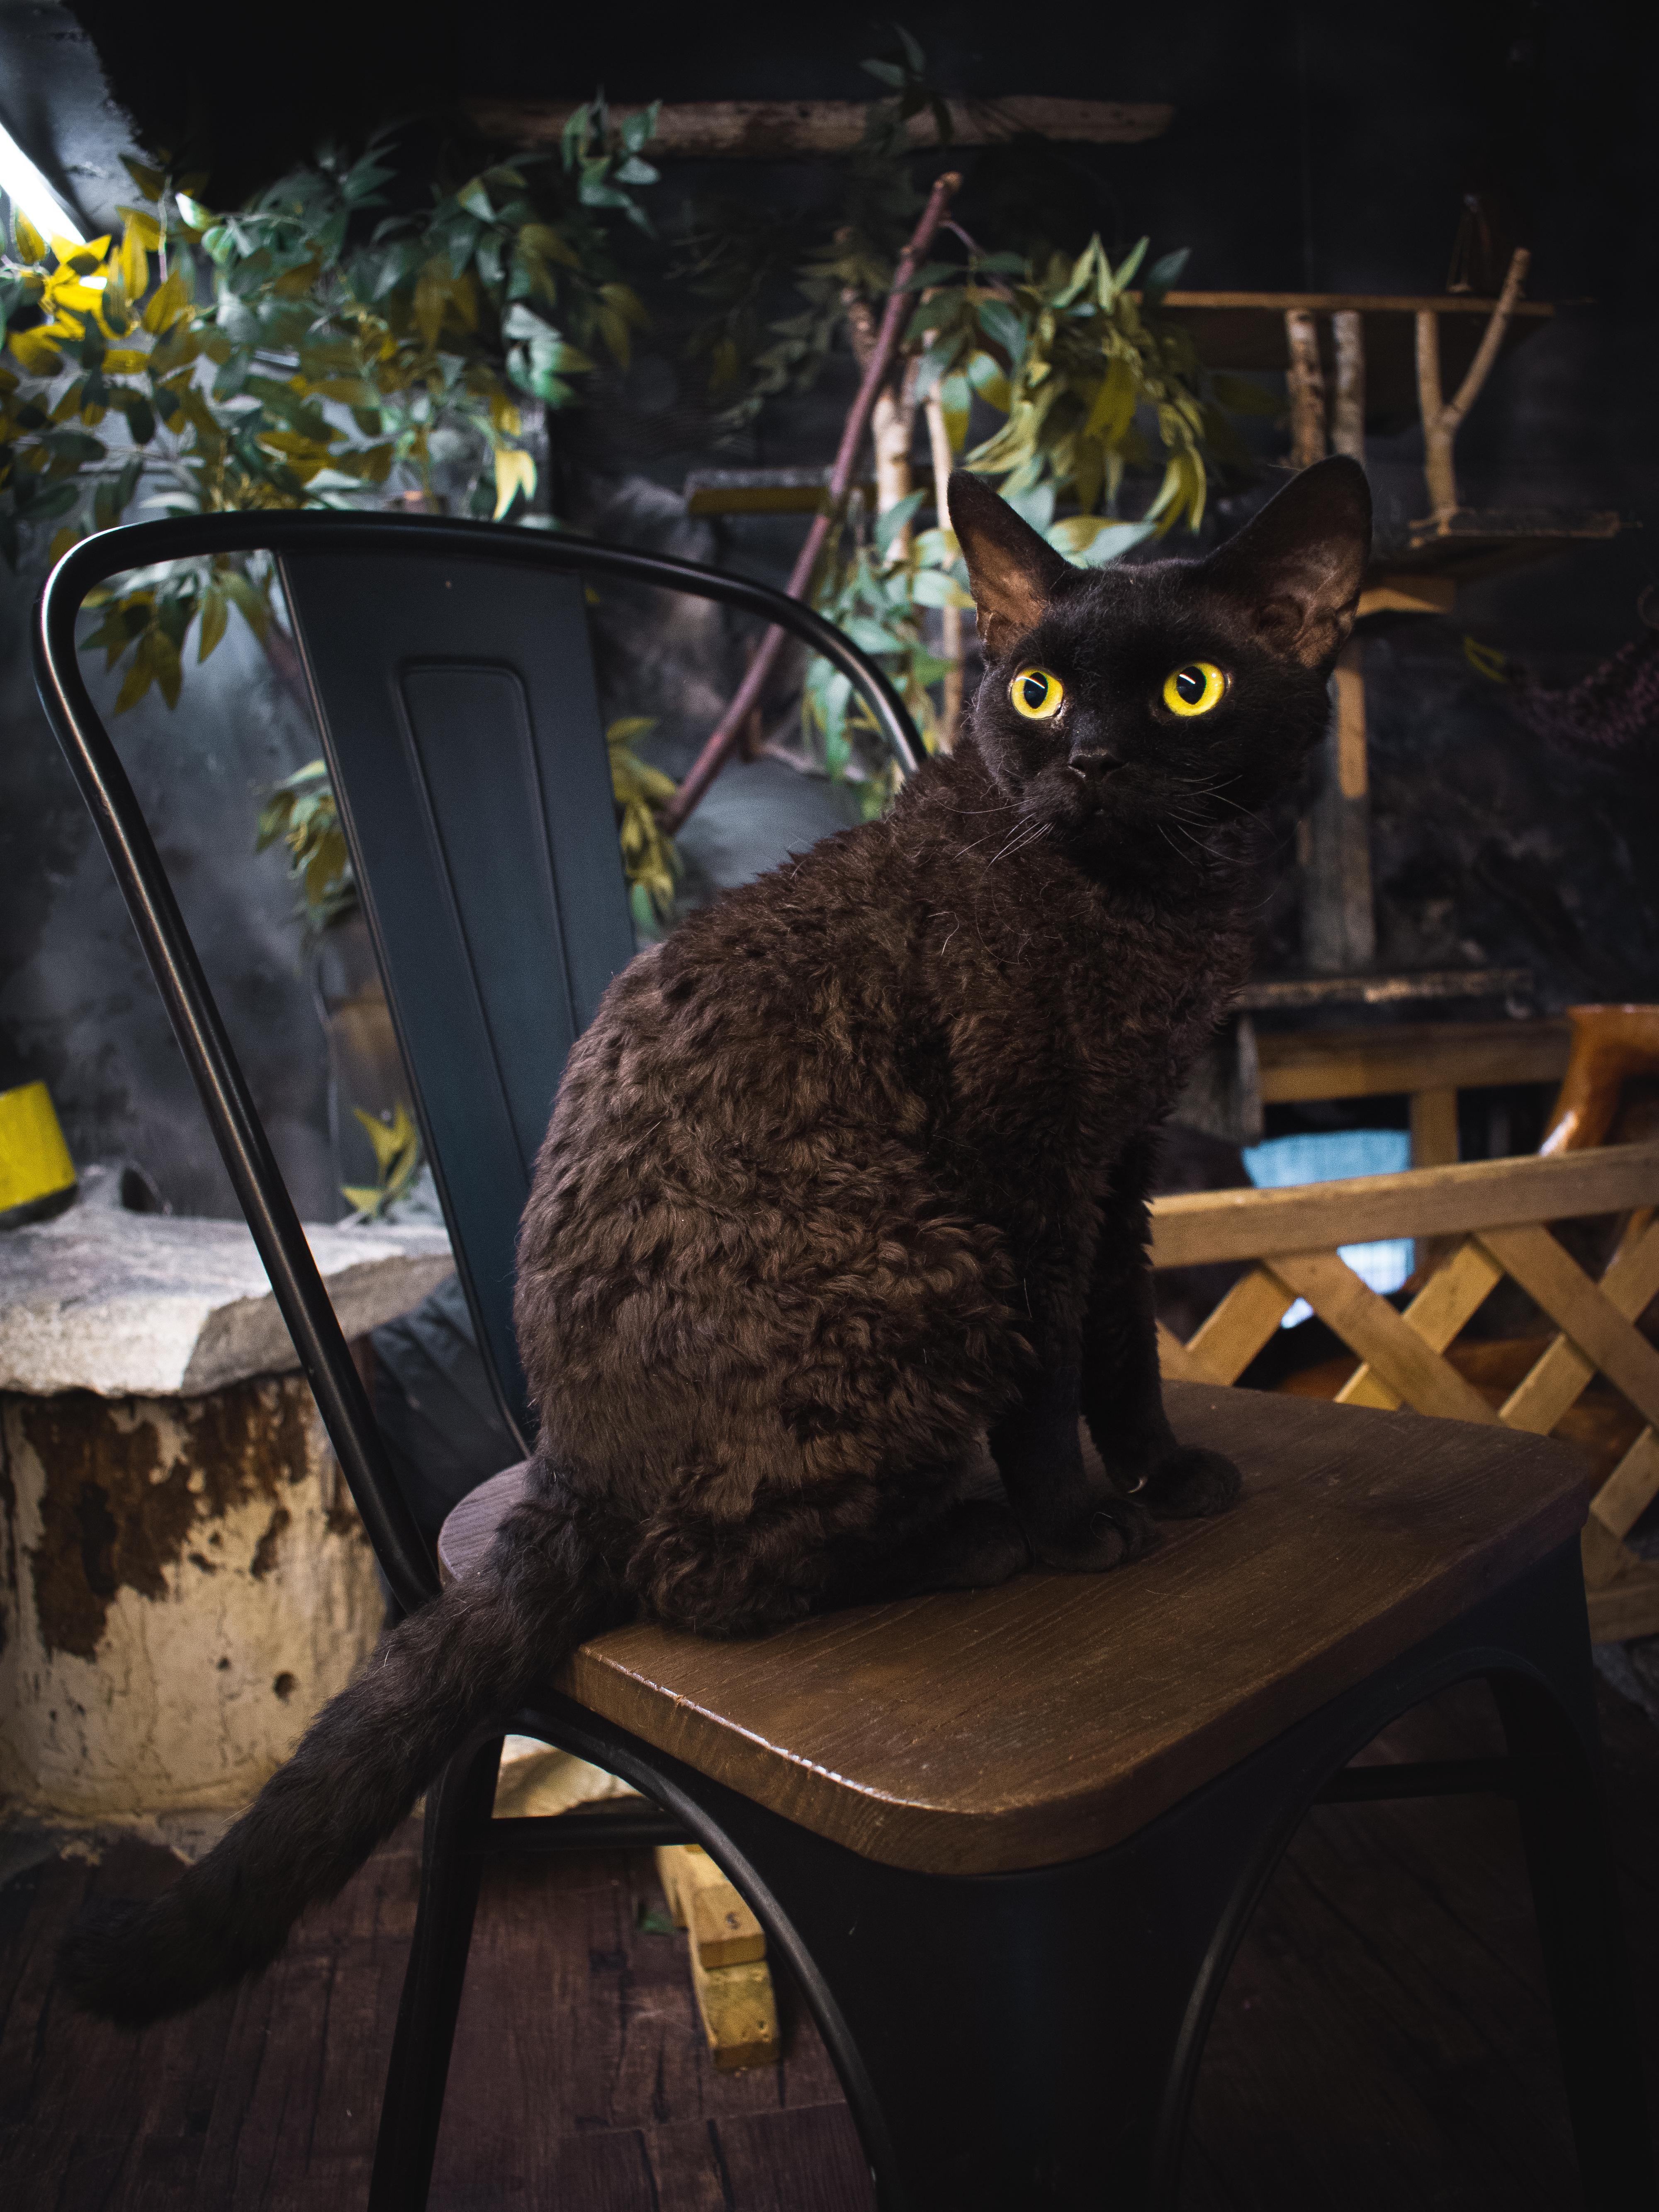 Cute curly cat in cat Cafehttps//i.redd.it/3yfkqefpkiz21